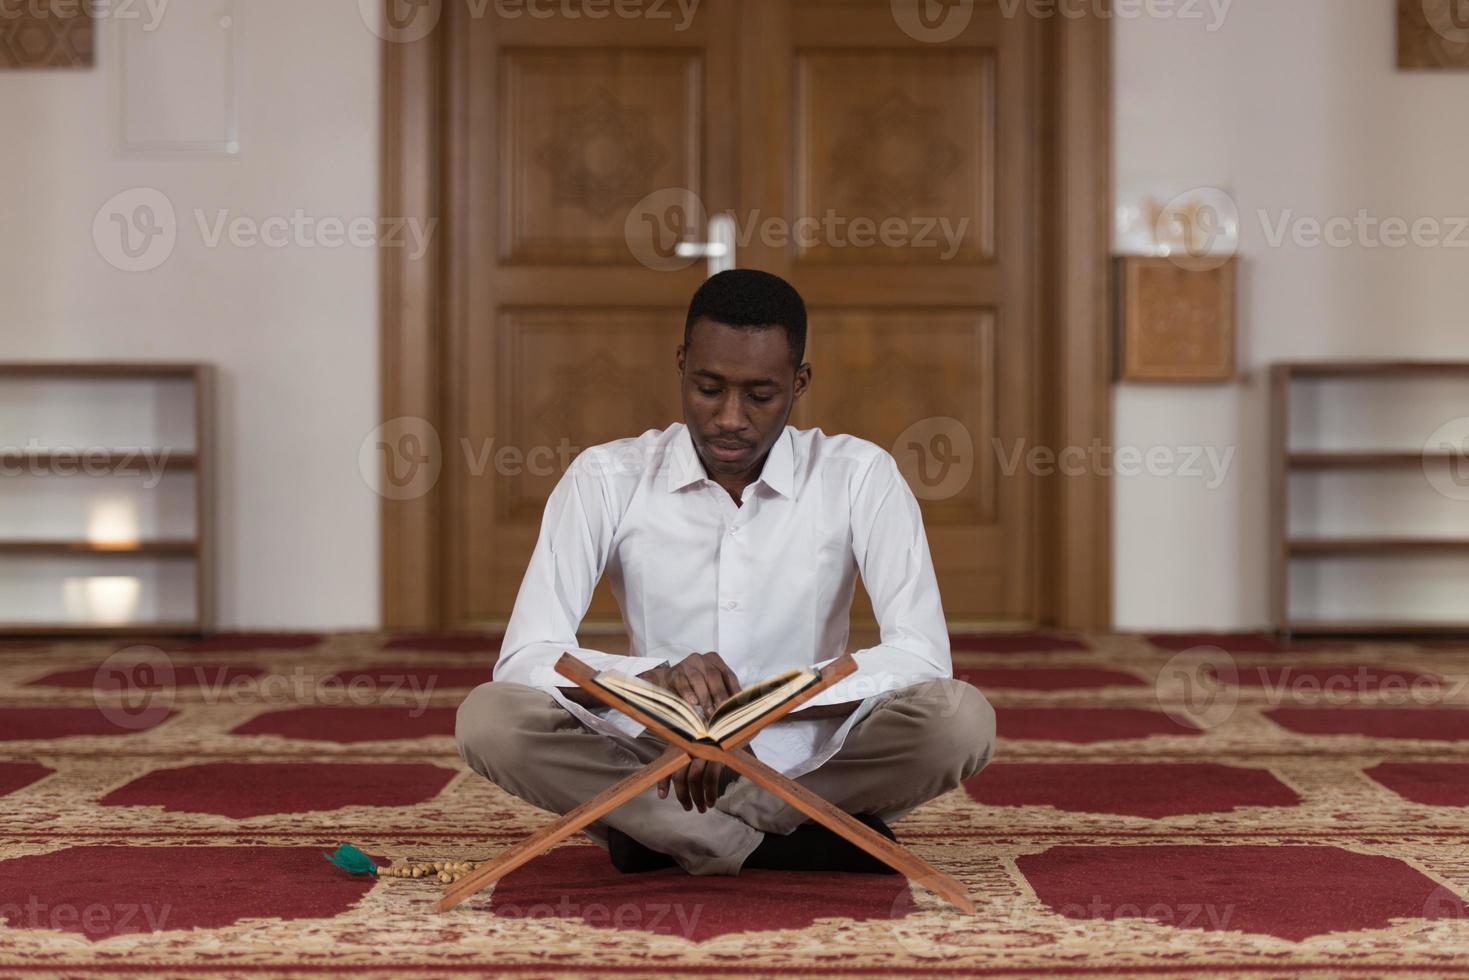 junger afrikanischer muslimischer Typ, der den Koran liest foto